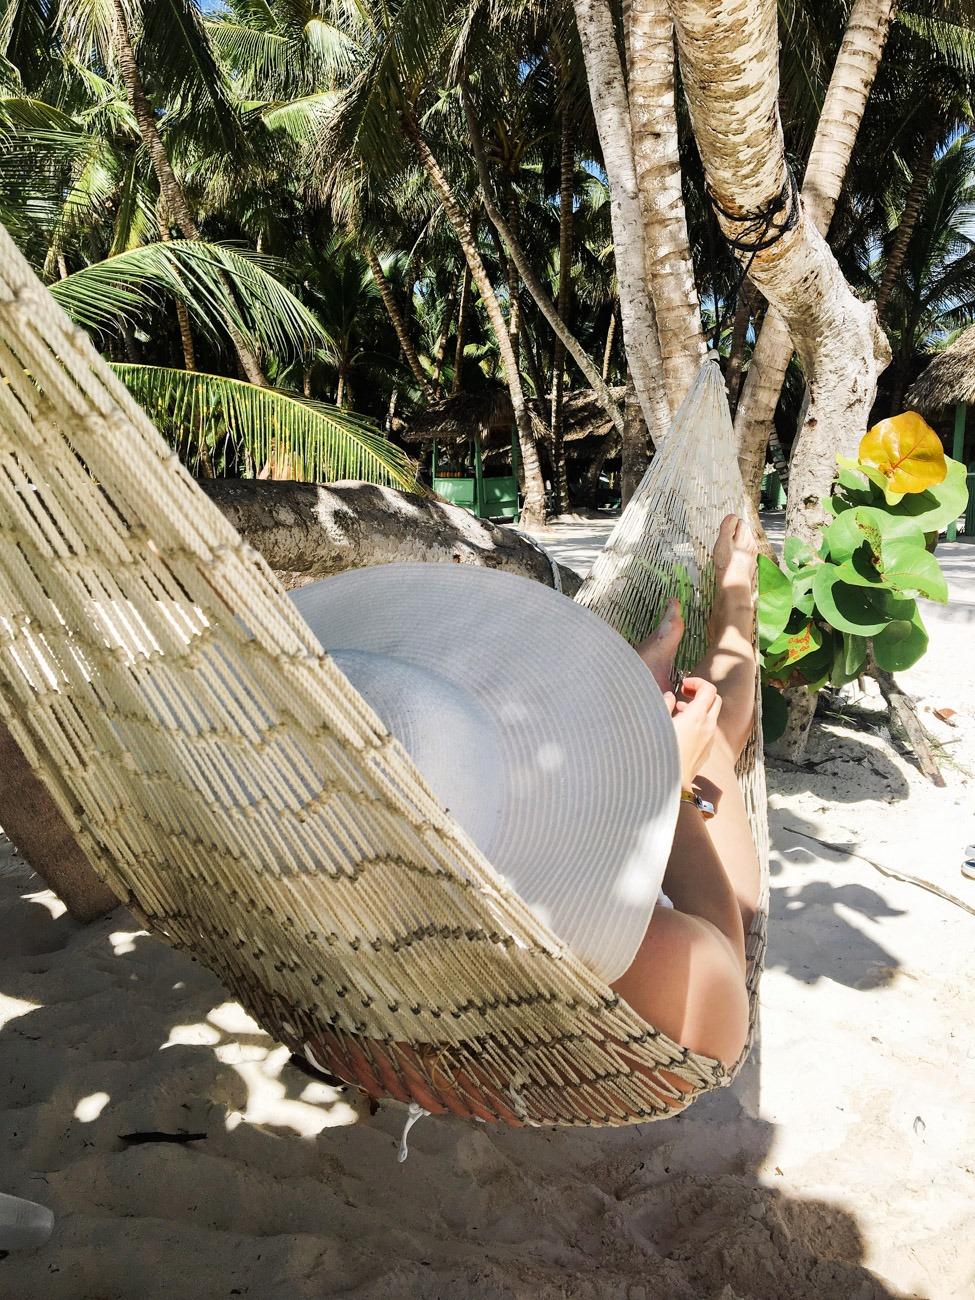 Entspannung zwischen den Palmen